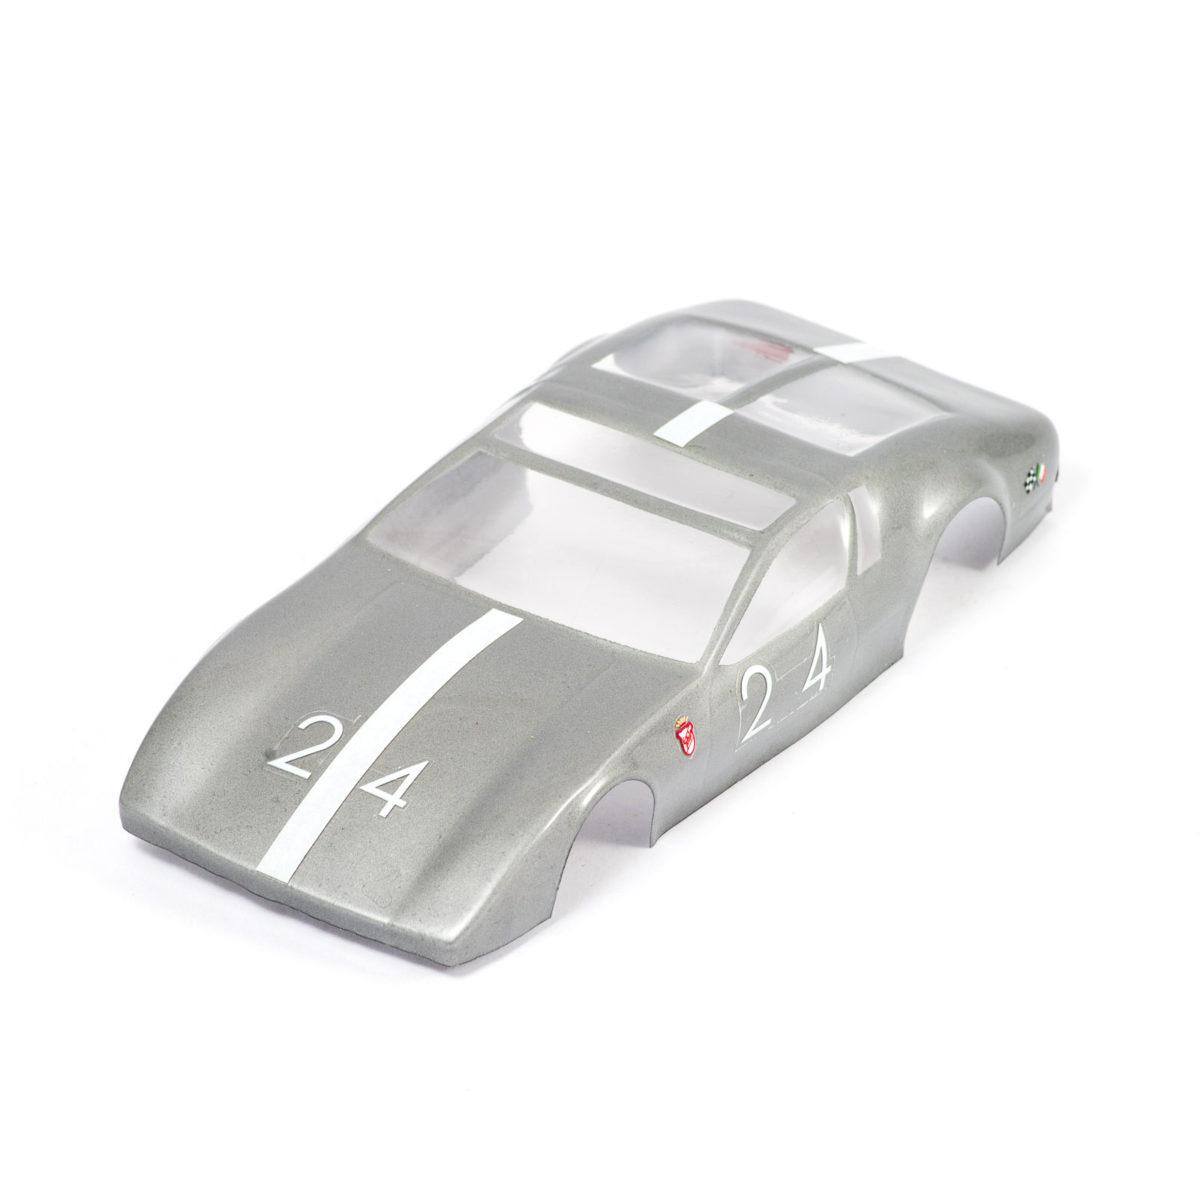 Carrozzeria Slot Car De Tomaso Mangusta 1/24 Policar Super